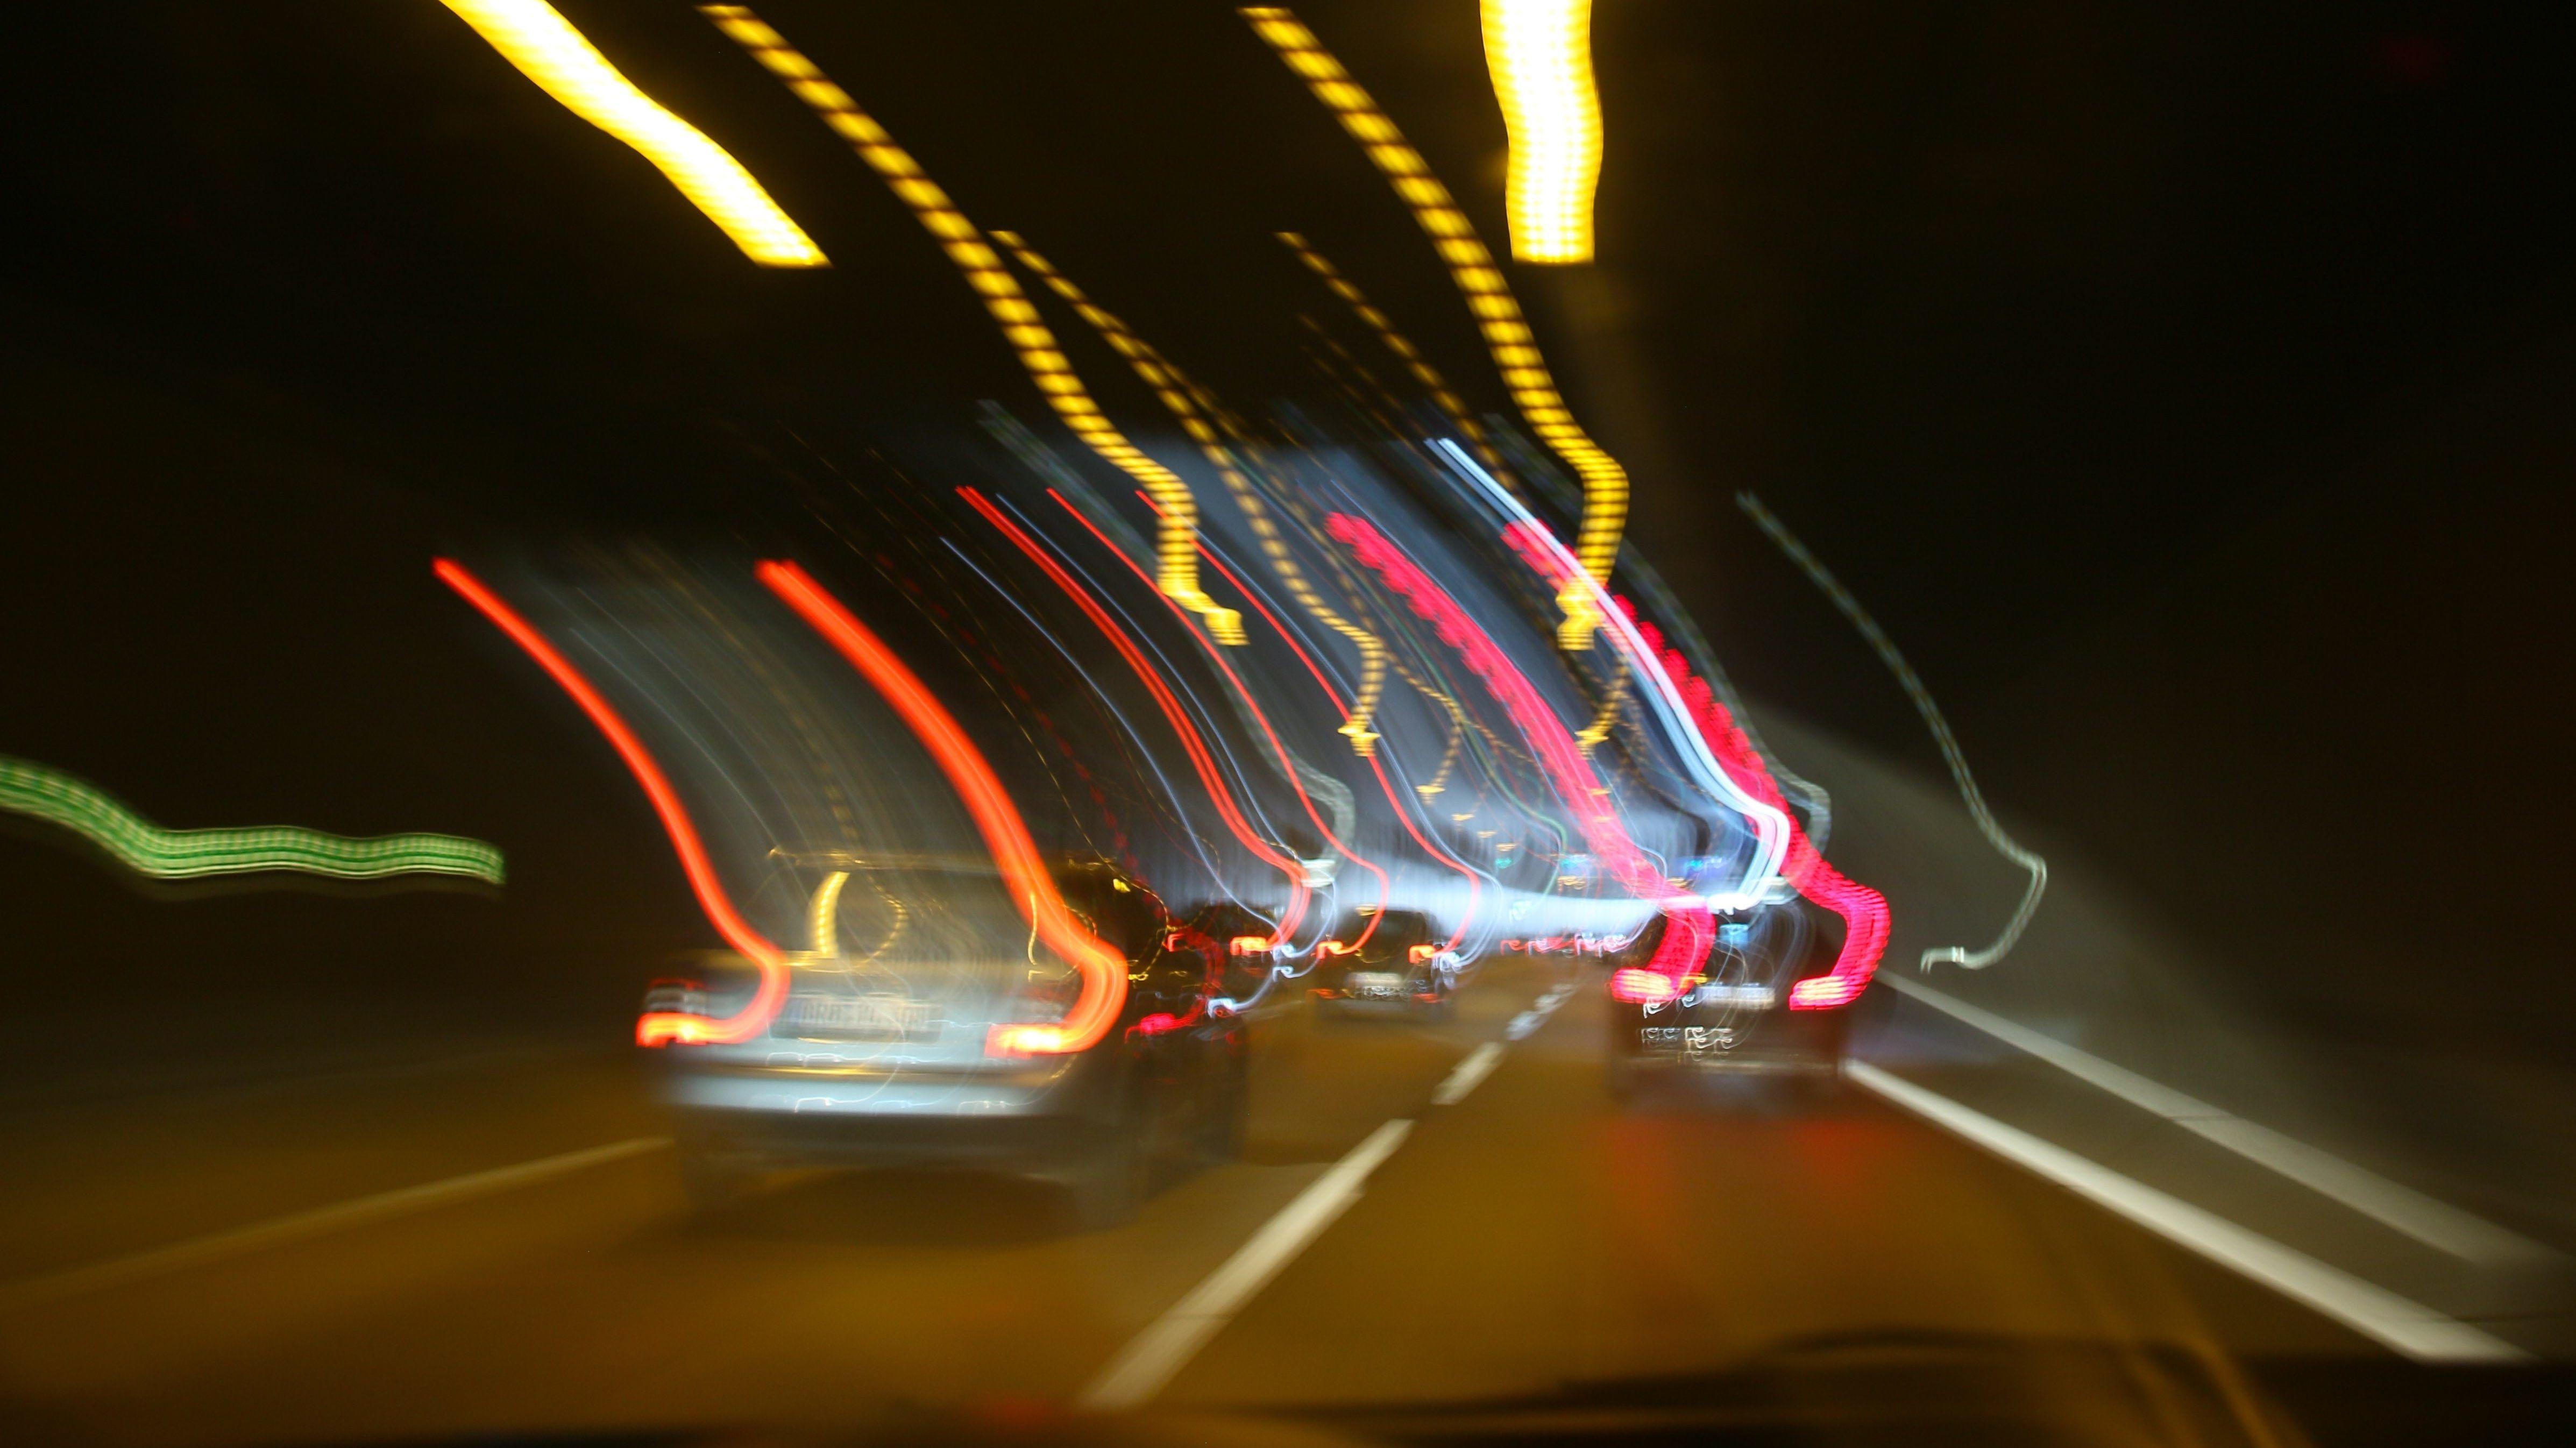 Verschwommene Rücklichter von Autos bei Dunkelheit